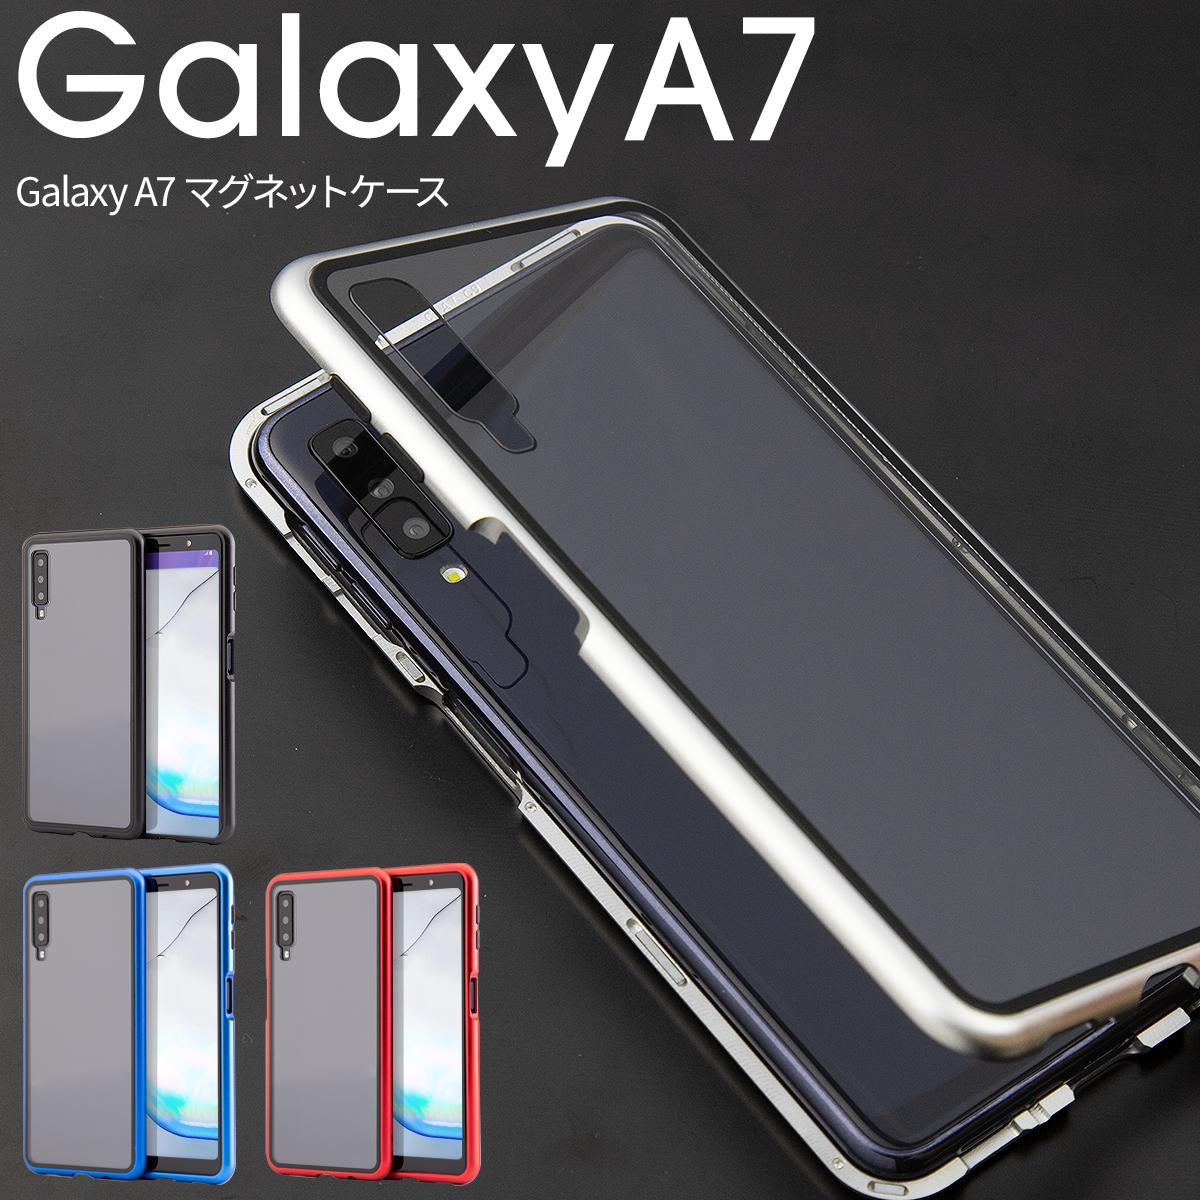 スマホケース Galaxy A7 ケース マグネットケース かっこいい おしゃれ 人気 かわいい おすすめ マグネットギャラクシー 送料無料